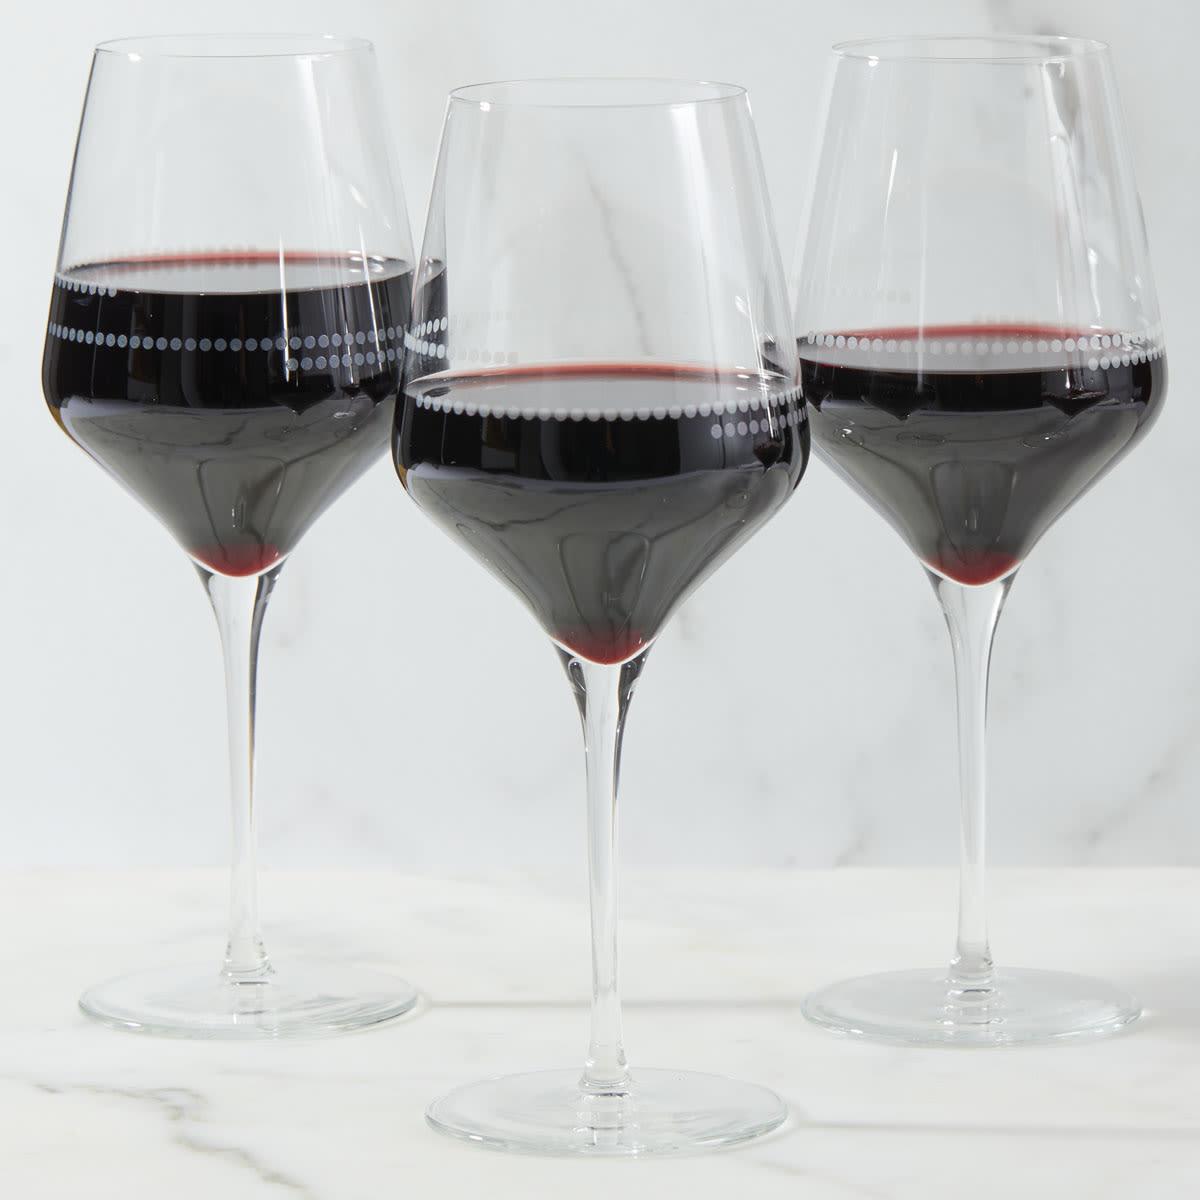 WW Portion Control Wine Glass Set - alternate view